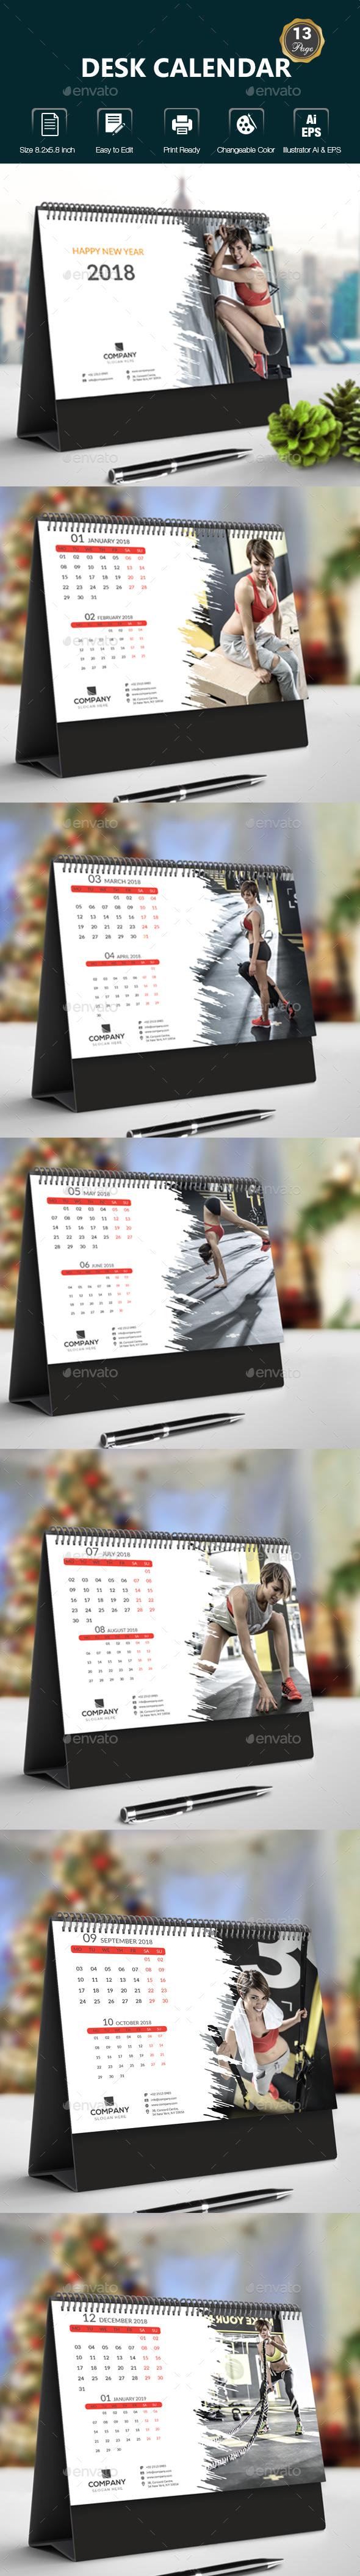 GraphicRiver Desk Calendar 20899651